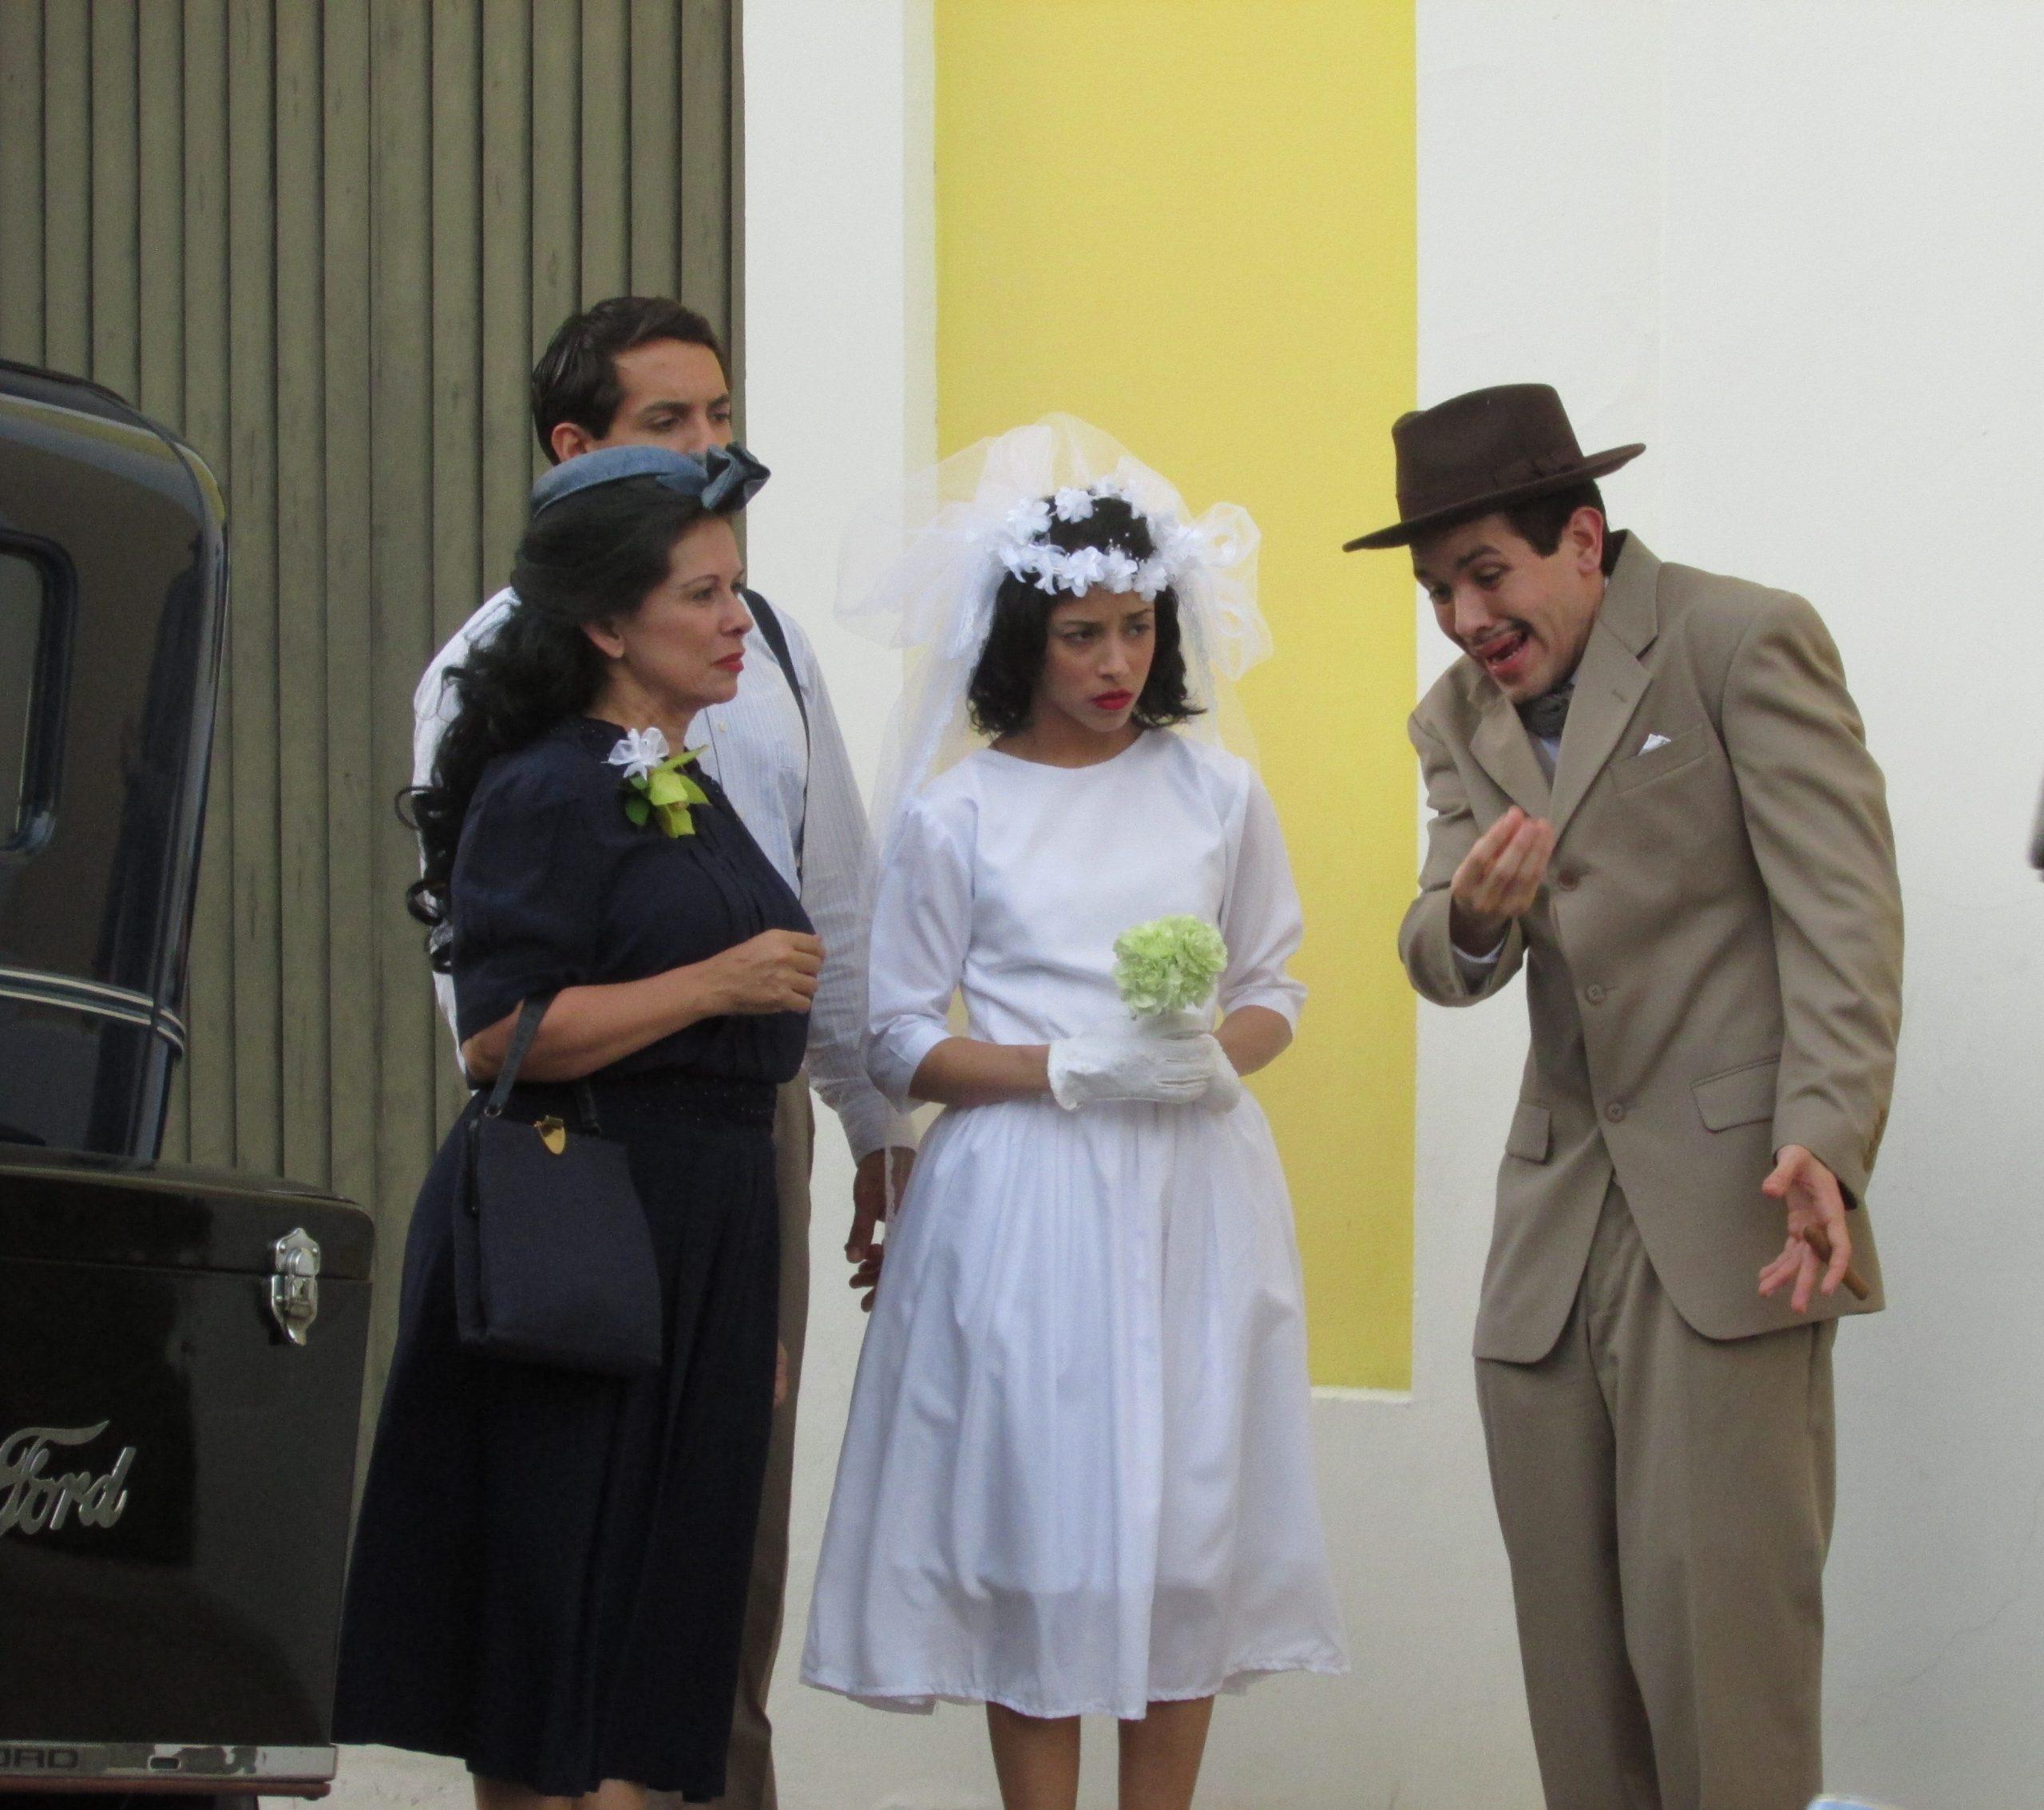 """Marisol Calero, Luis Omar O'Farril, Mariangelie Vélez y Félix Monclova en una escena de la película puertorriqueña """"Rosaura"""". (Foto Javier Santiago / Fundación Nacional para la Cultura Popular"""